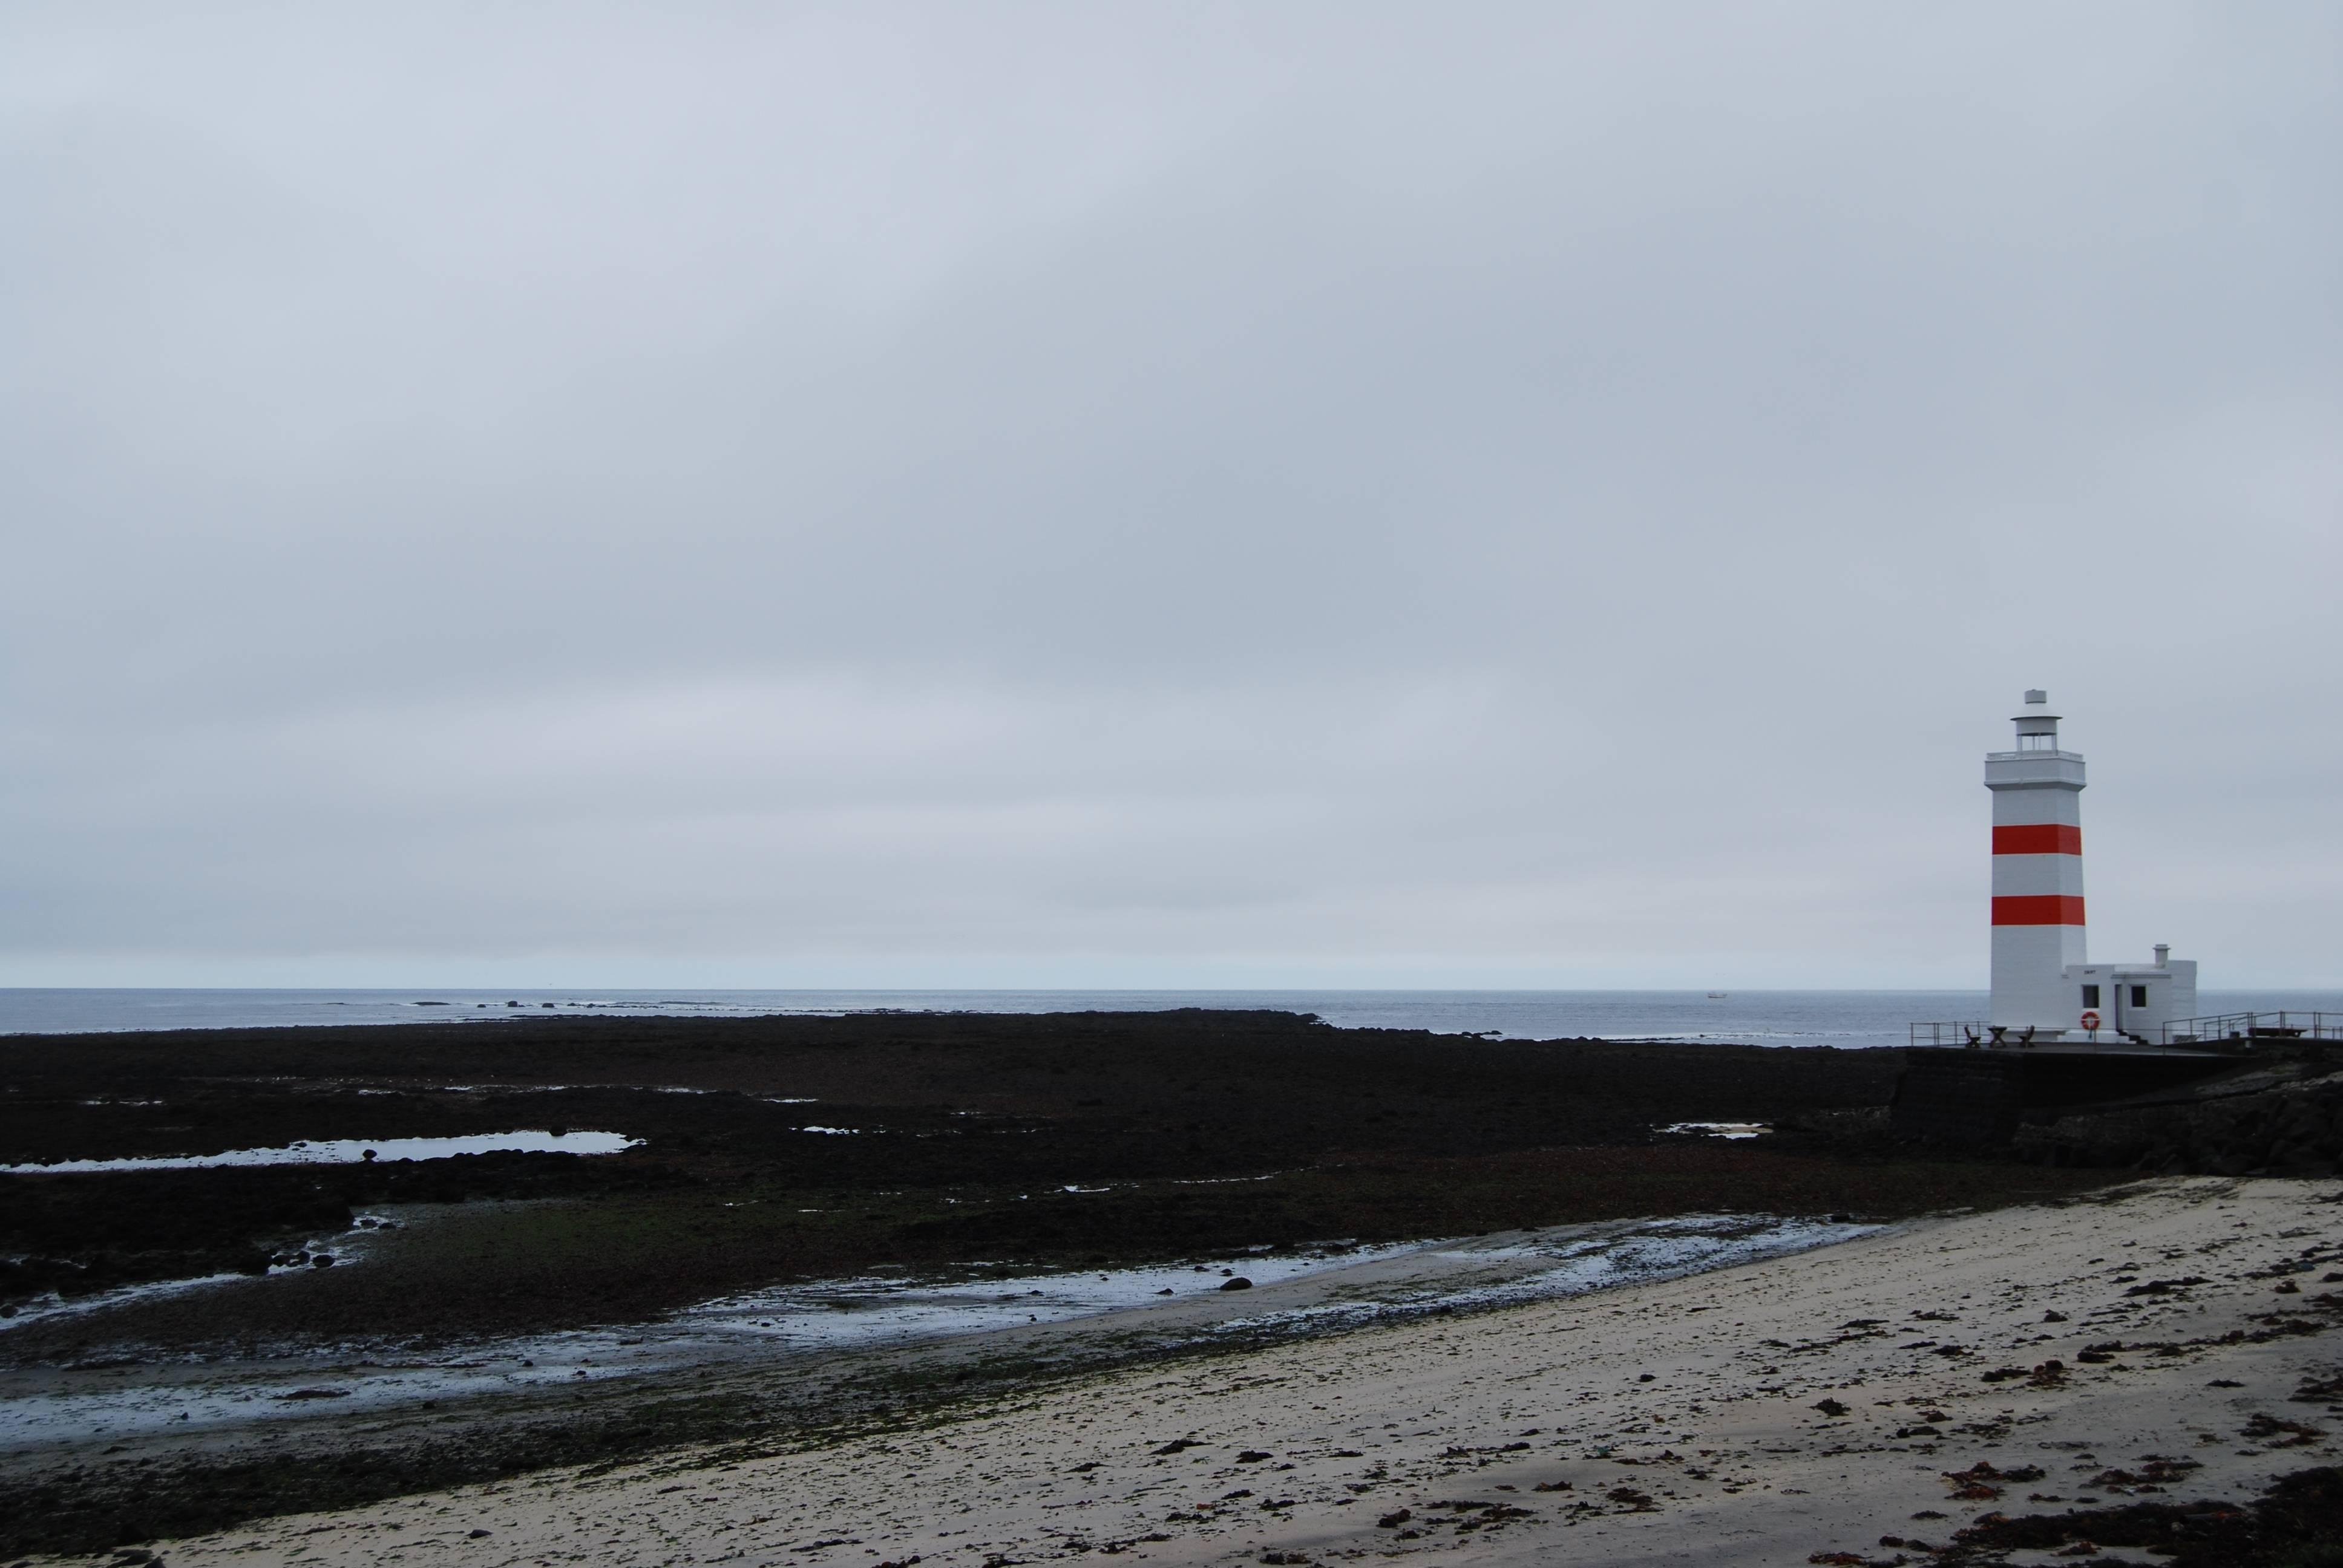 Photo 2: La péninsule de Reykjanes